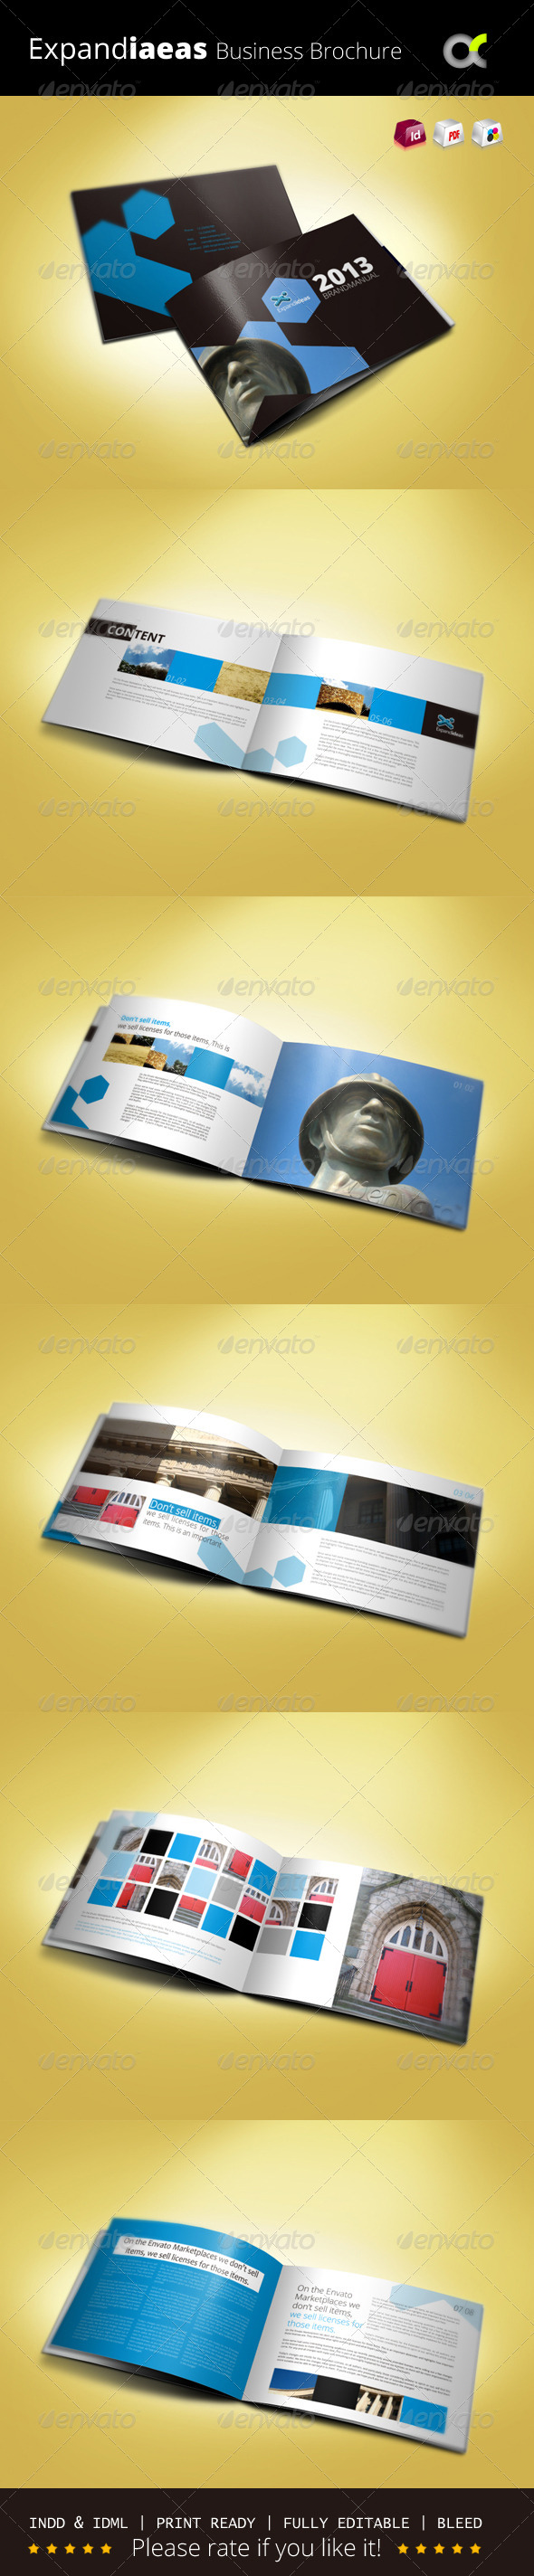 GraphicRiver Expandiaeas Business Brochure 5818210